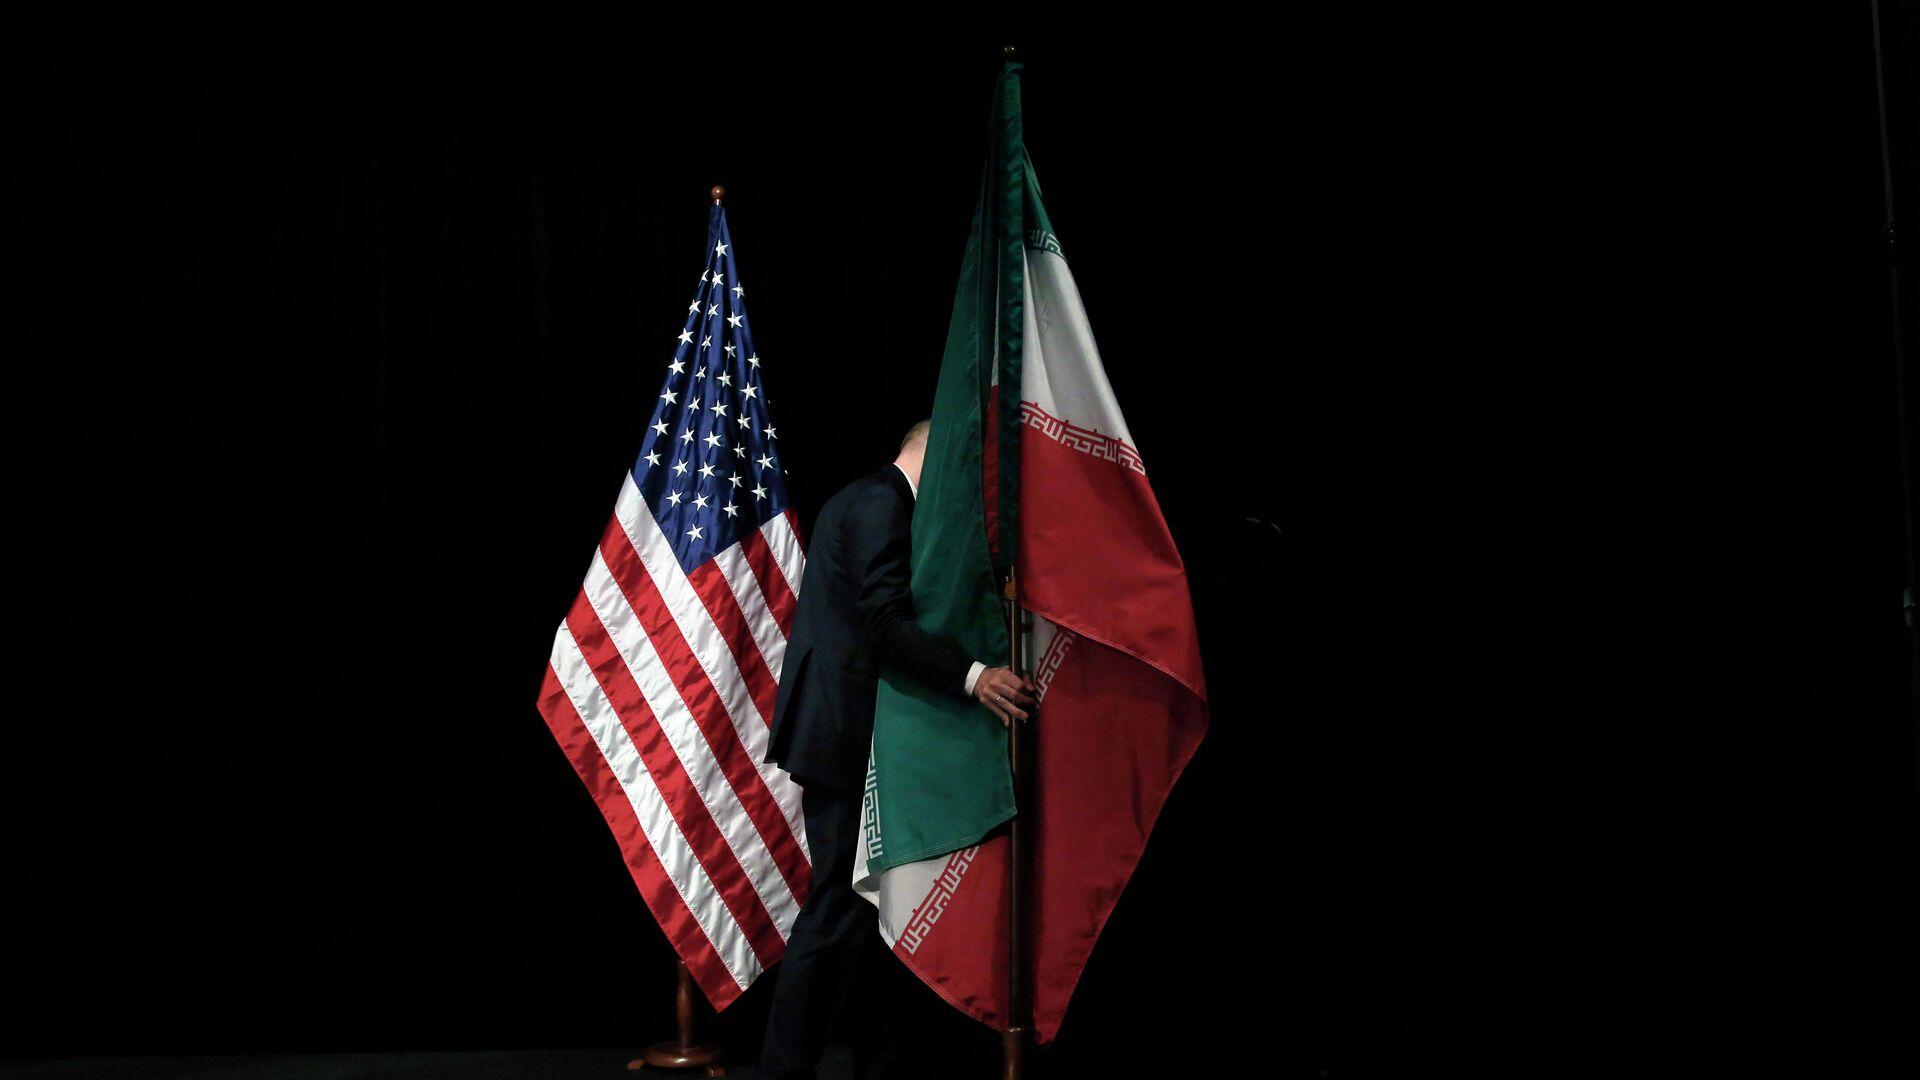 Banderas de EEUU e Irán - Sputnik Mundo, 1920, 03.07.2021